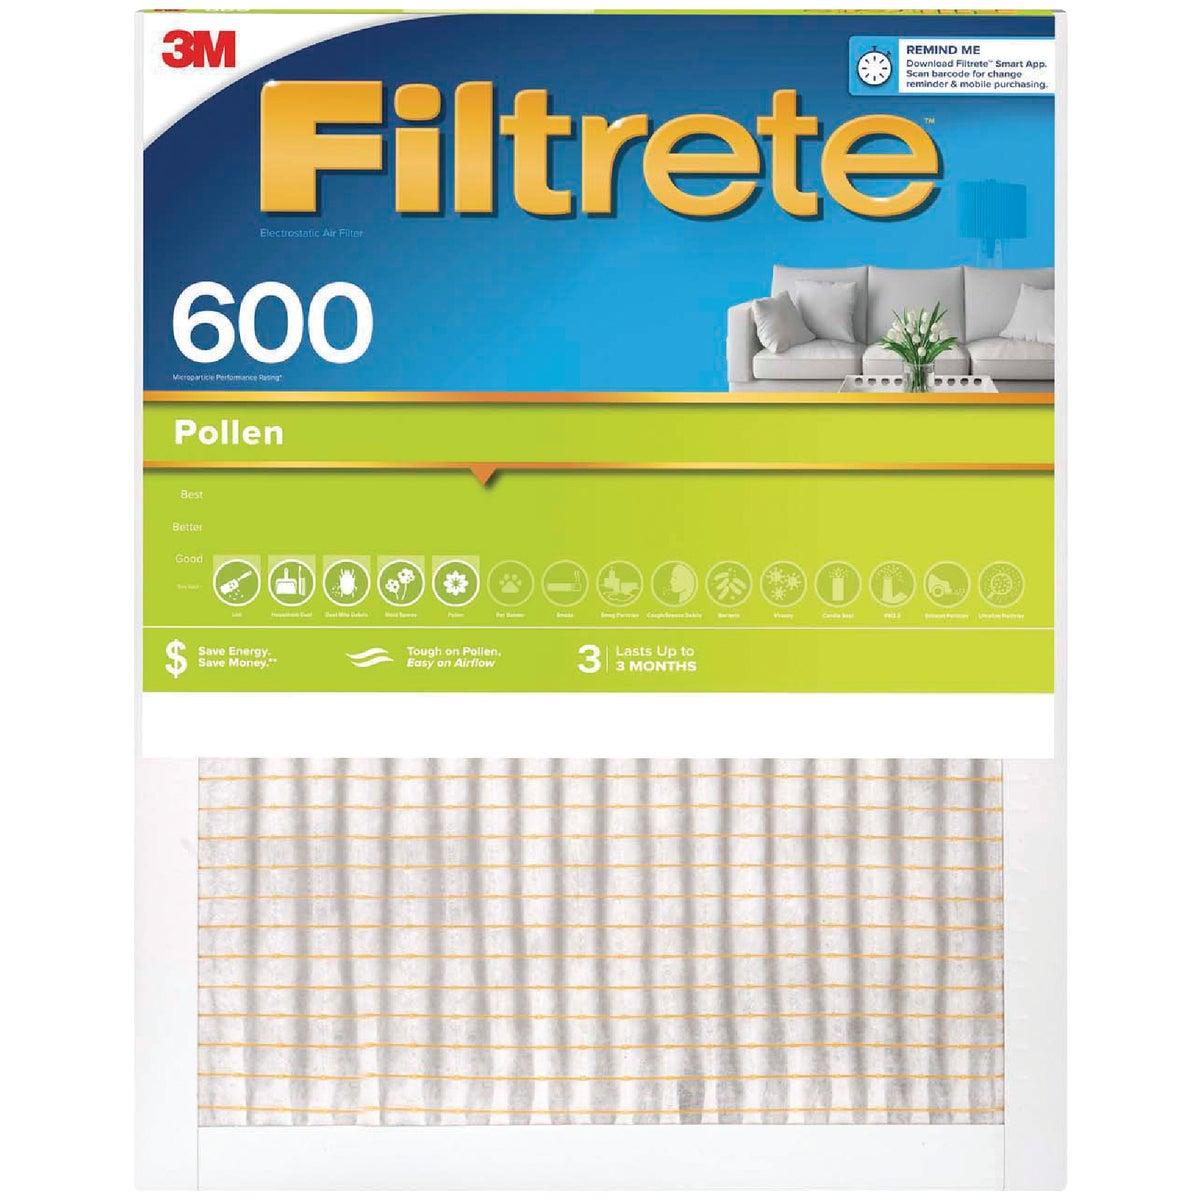 3M Filtrete 20 In. x 20 In. x 1 In. Clean Living 600 MPR Furnace Filter